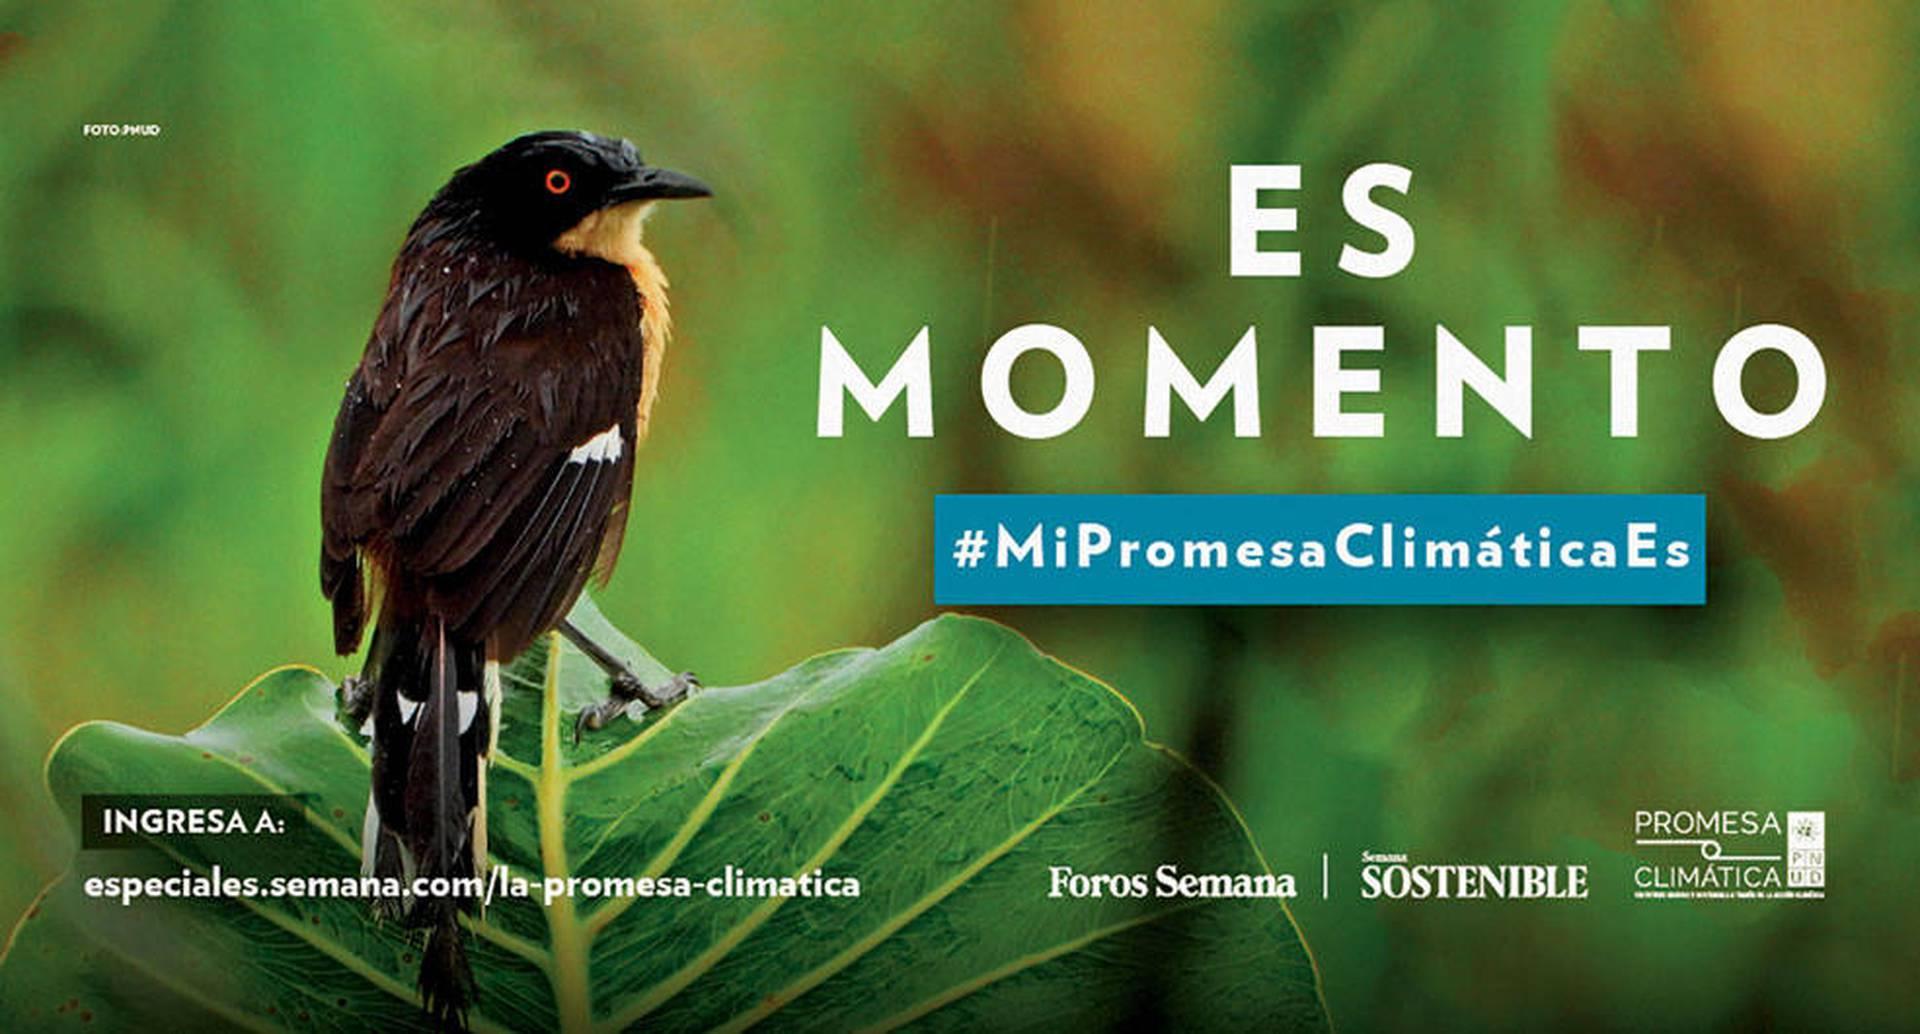 Esta iniciativa invita a toda la sociedad colombiana a que imagine un mundo diferente.